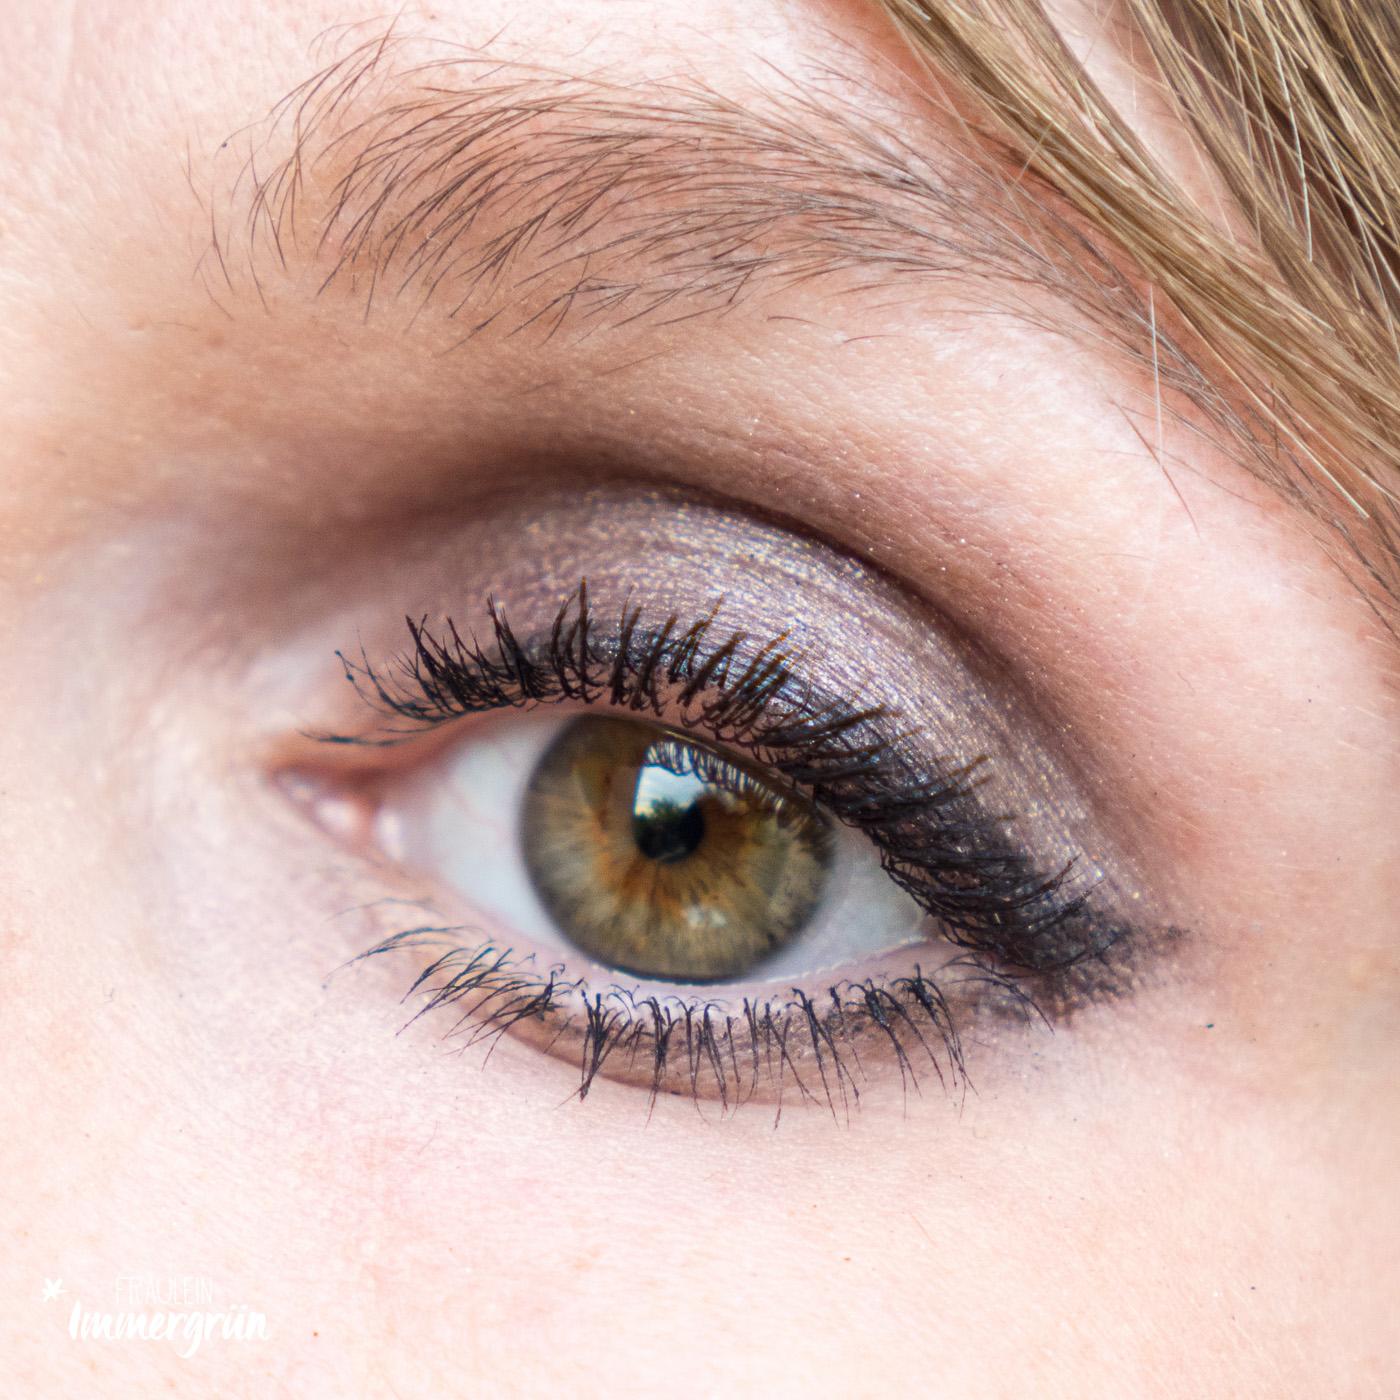 DM Alverde Neuigkeiten Herbst 2018 - vegane Naturkosmetik aus der Drogerie Pecision Eyeshadow Pen Pearly Taupe